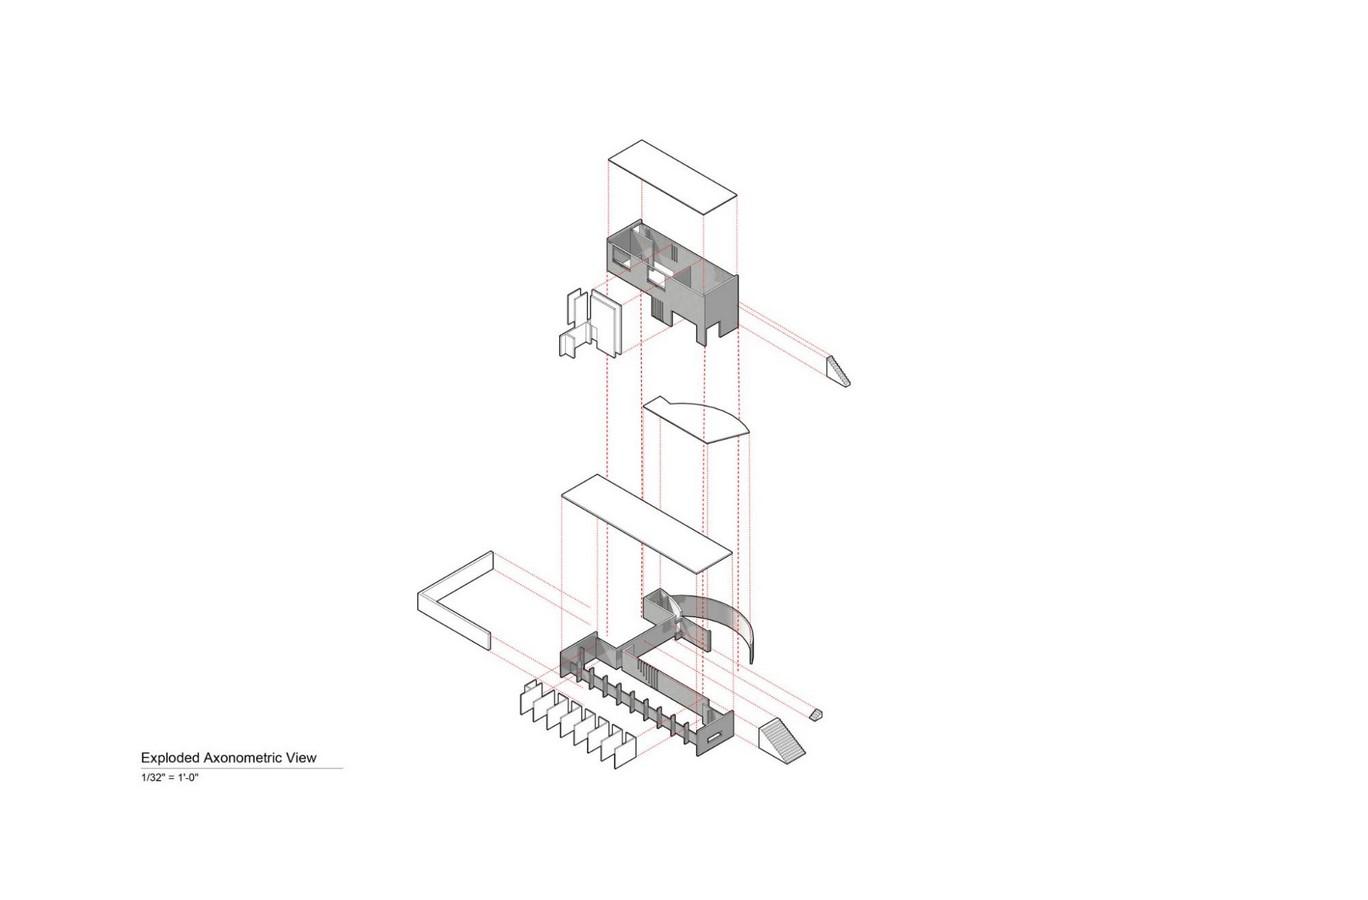 Koshino House by Tadao Ando: The play of Light Sheet13